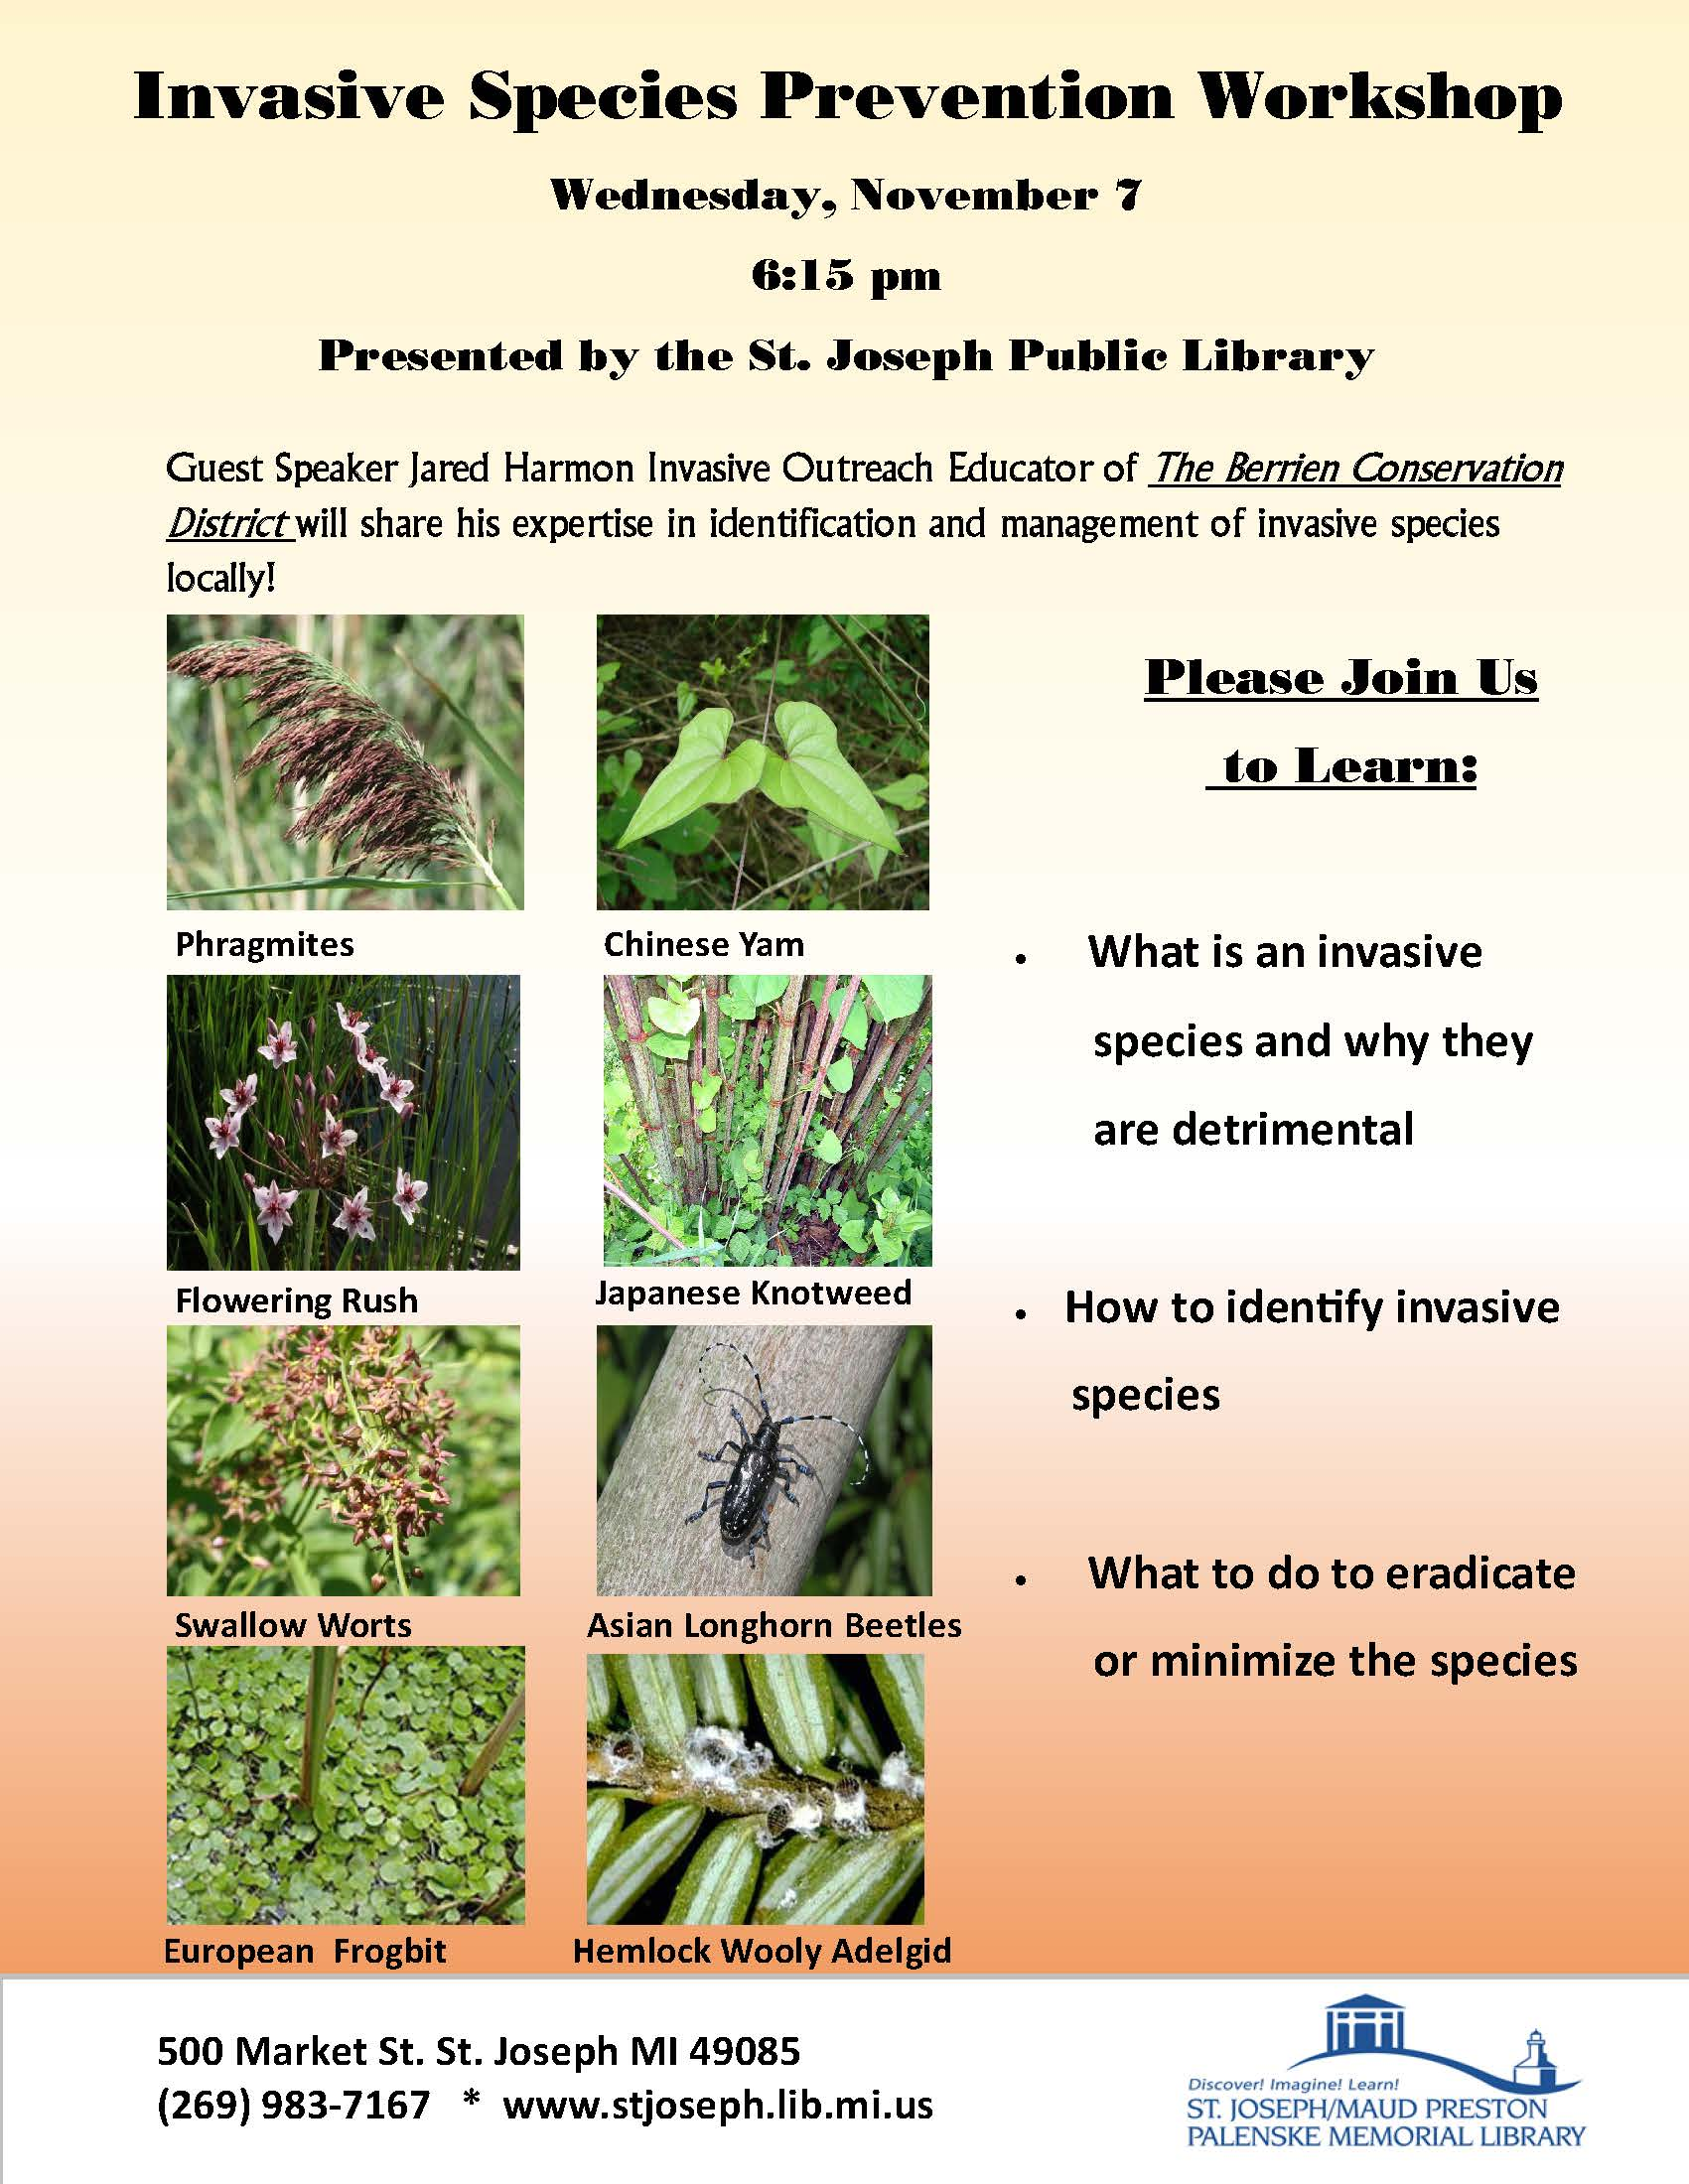 Berrien Conservation District - Invasive Species